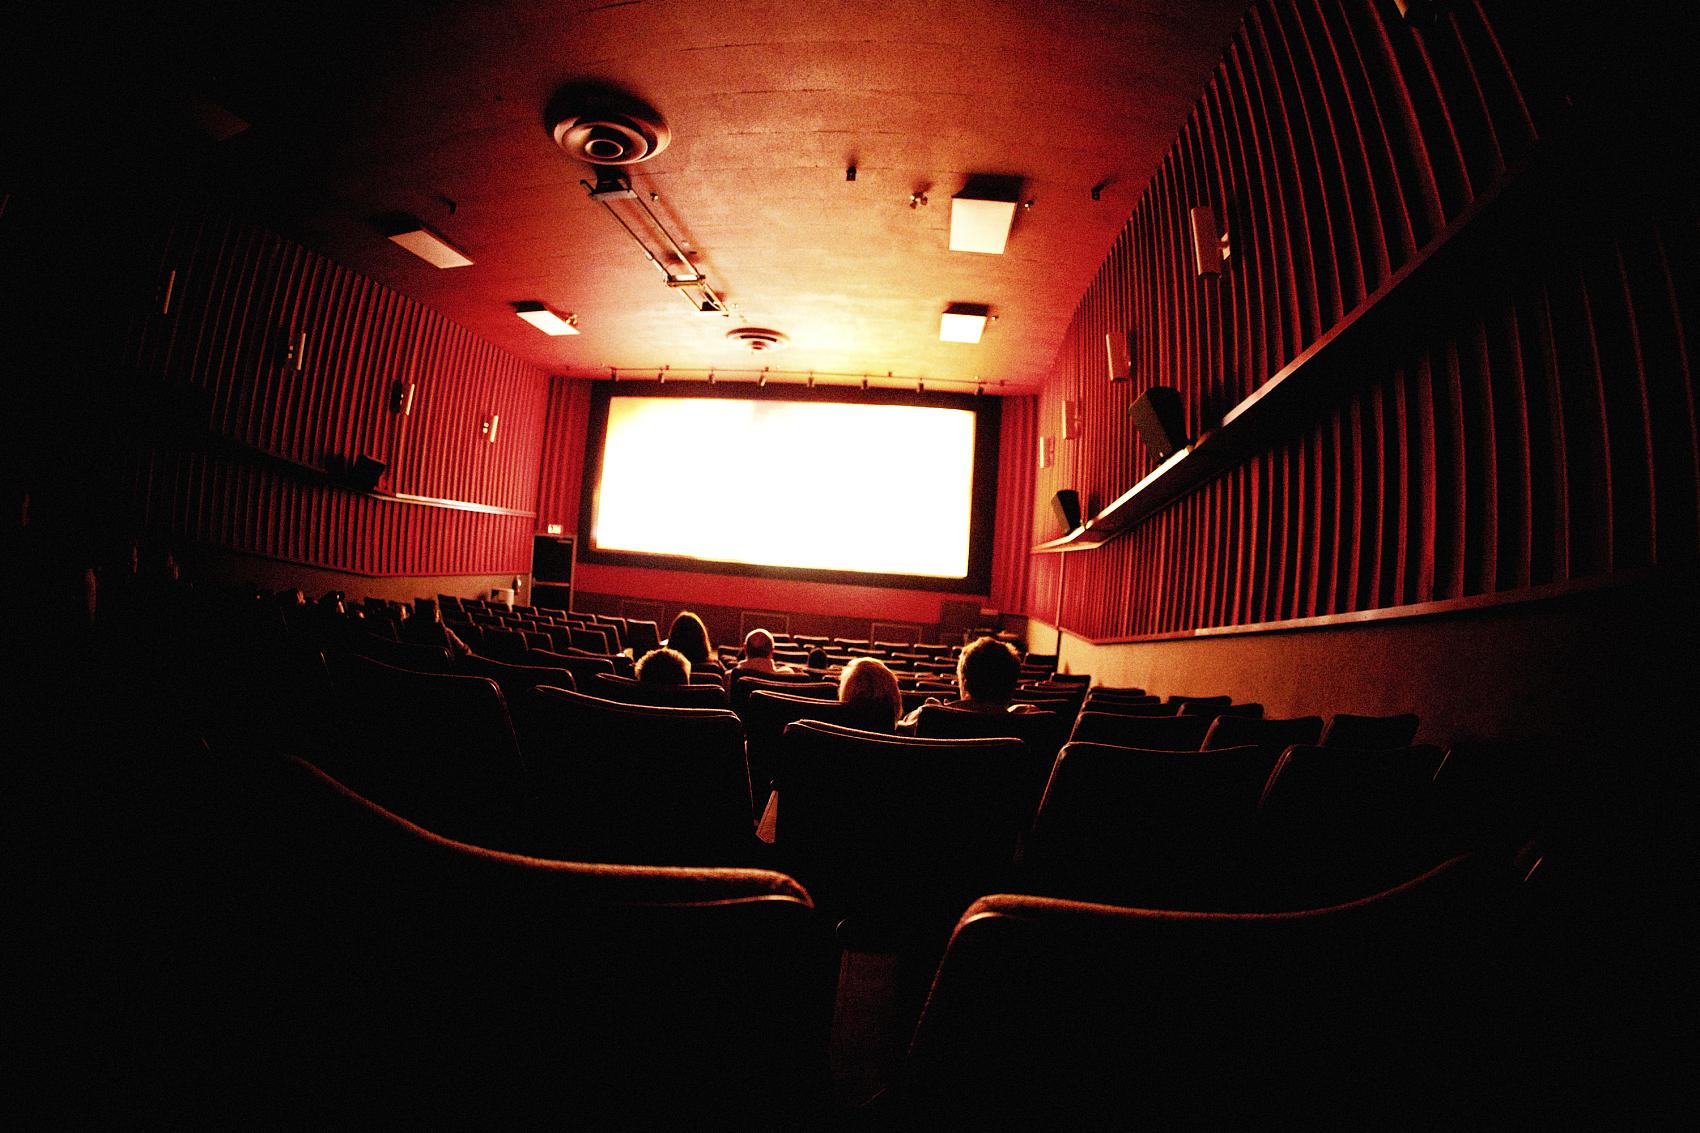 我们和50个电影人聊复工:狂欢过后,忧大于喜